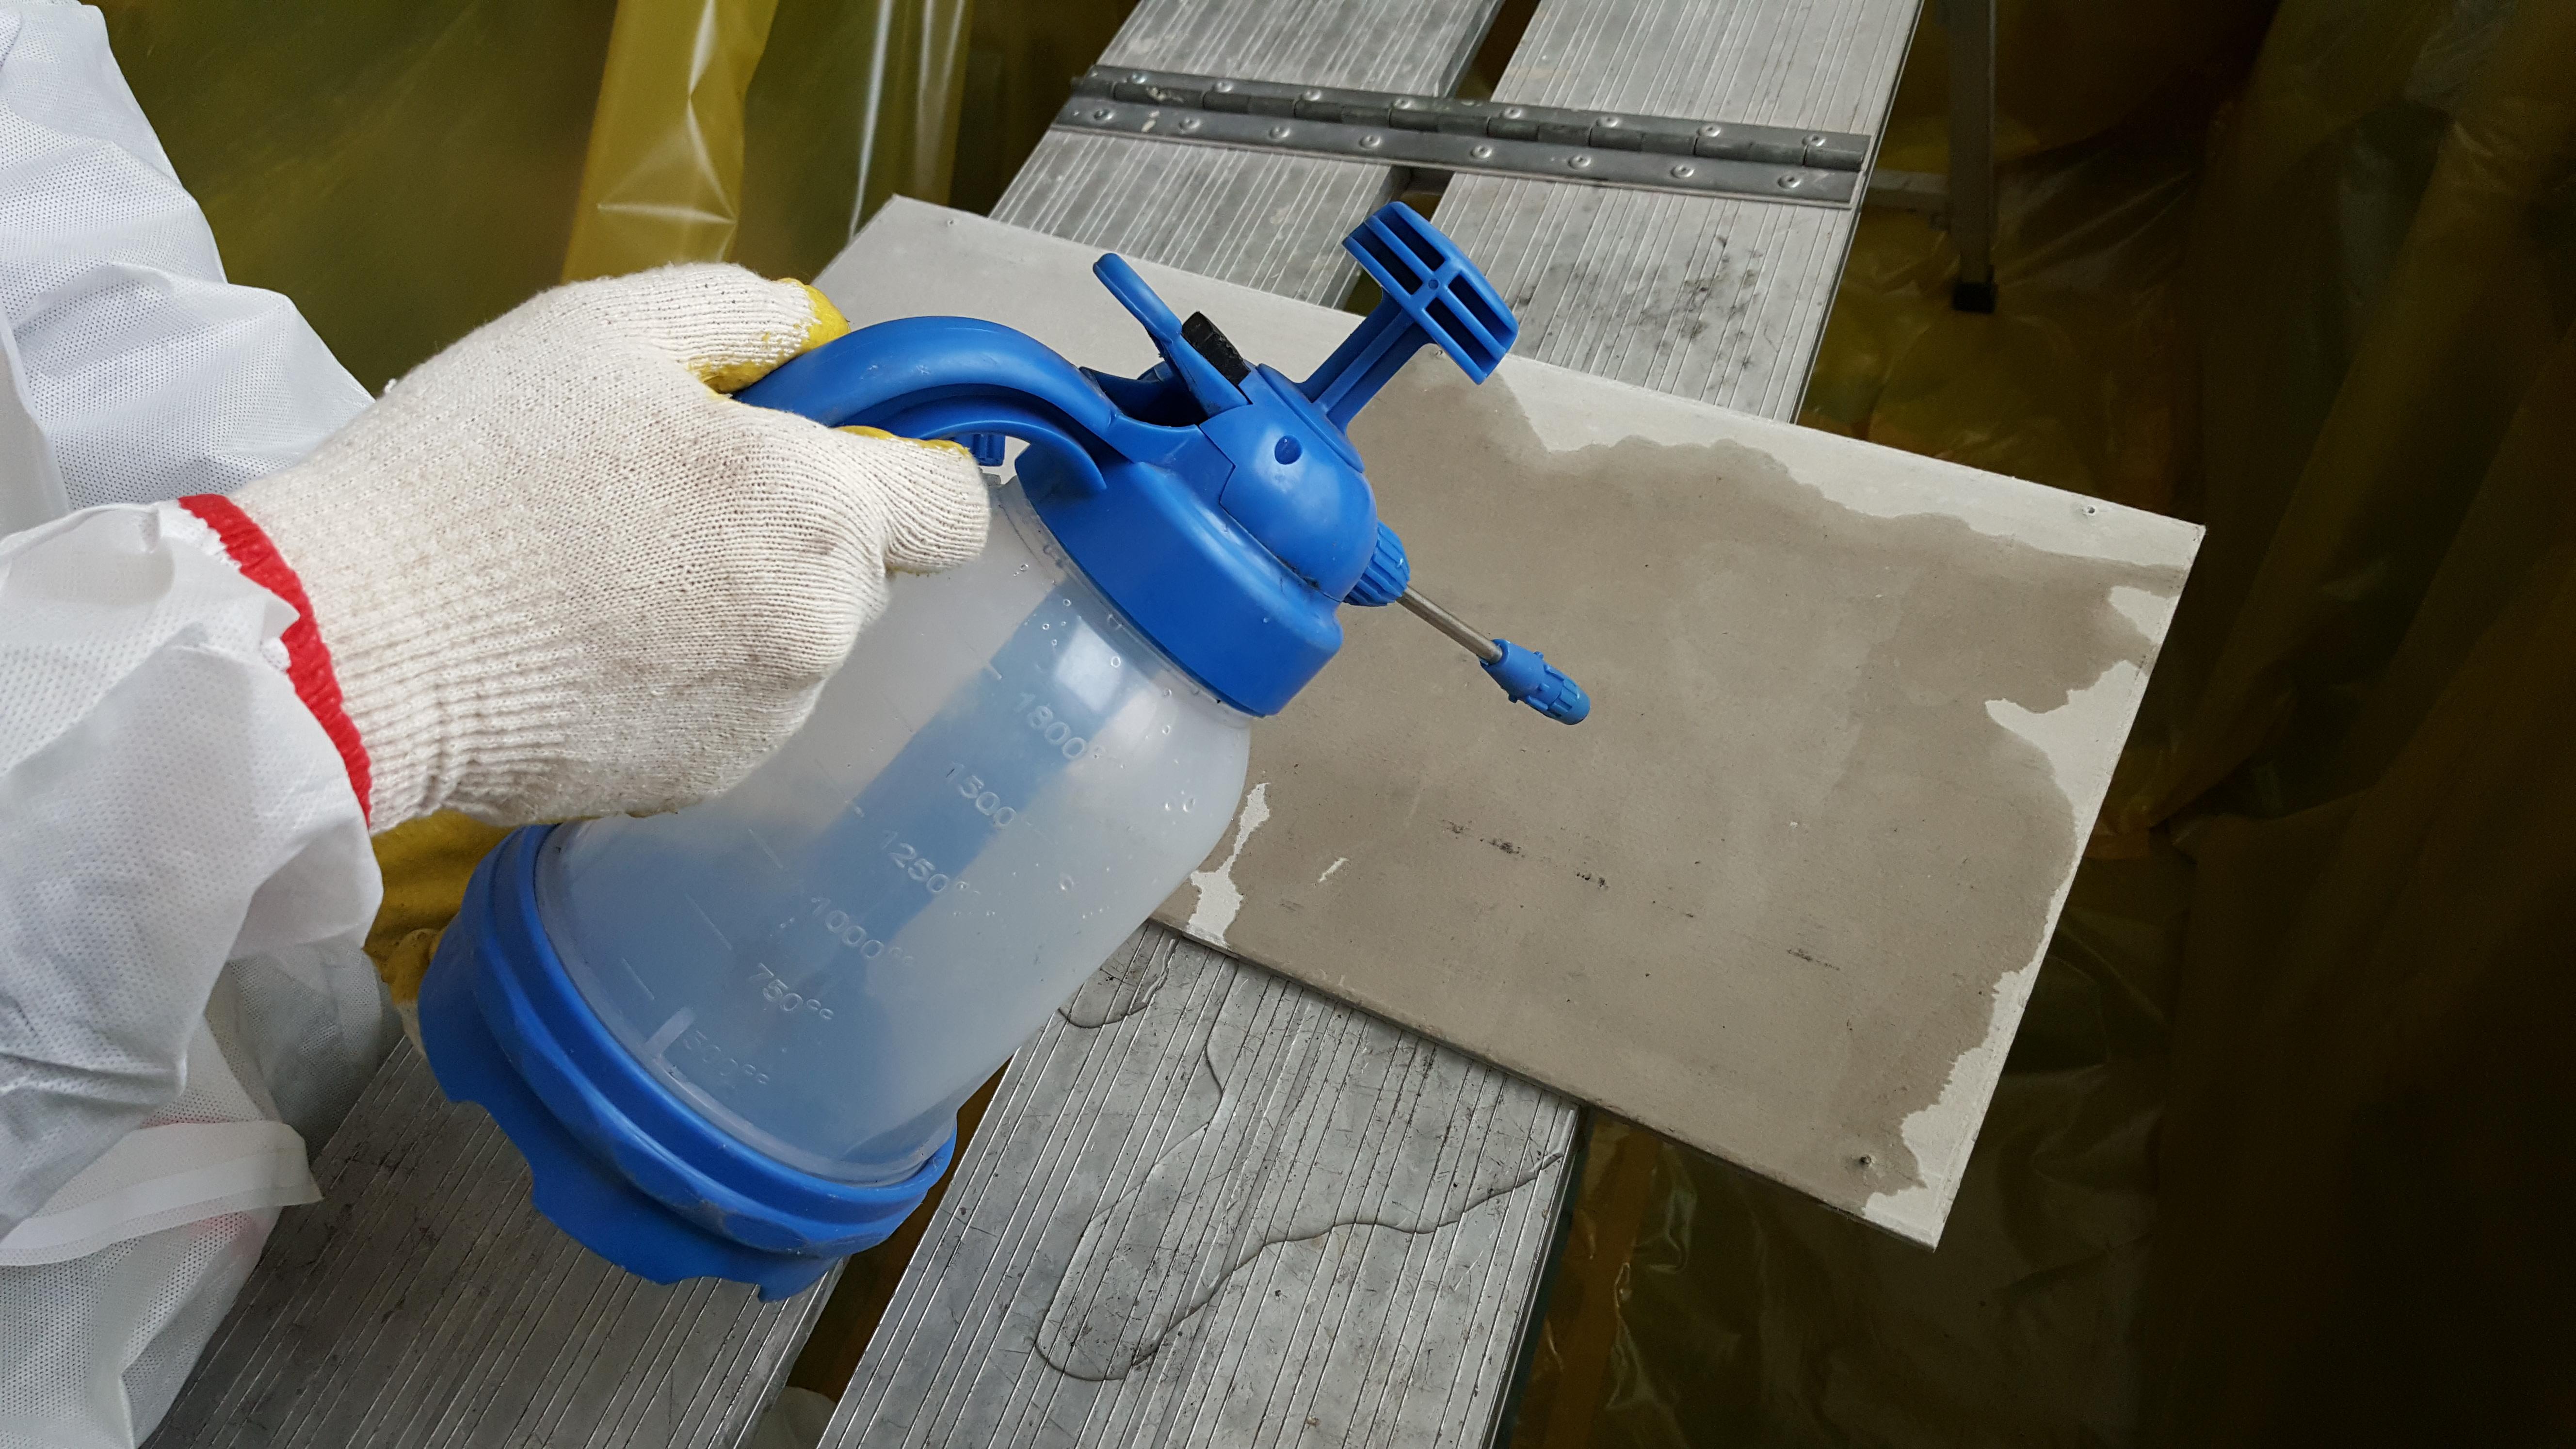 13 번째 사진  에  연면적94.68 ㎡ 부산시 영도구 해양로 공장사무실 2차 천장텍스 석면해체 제거